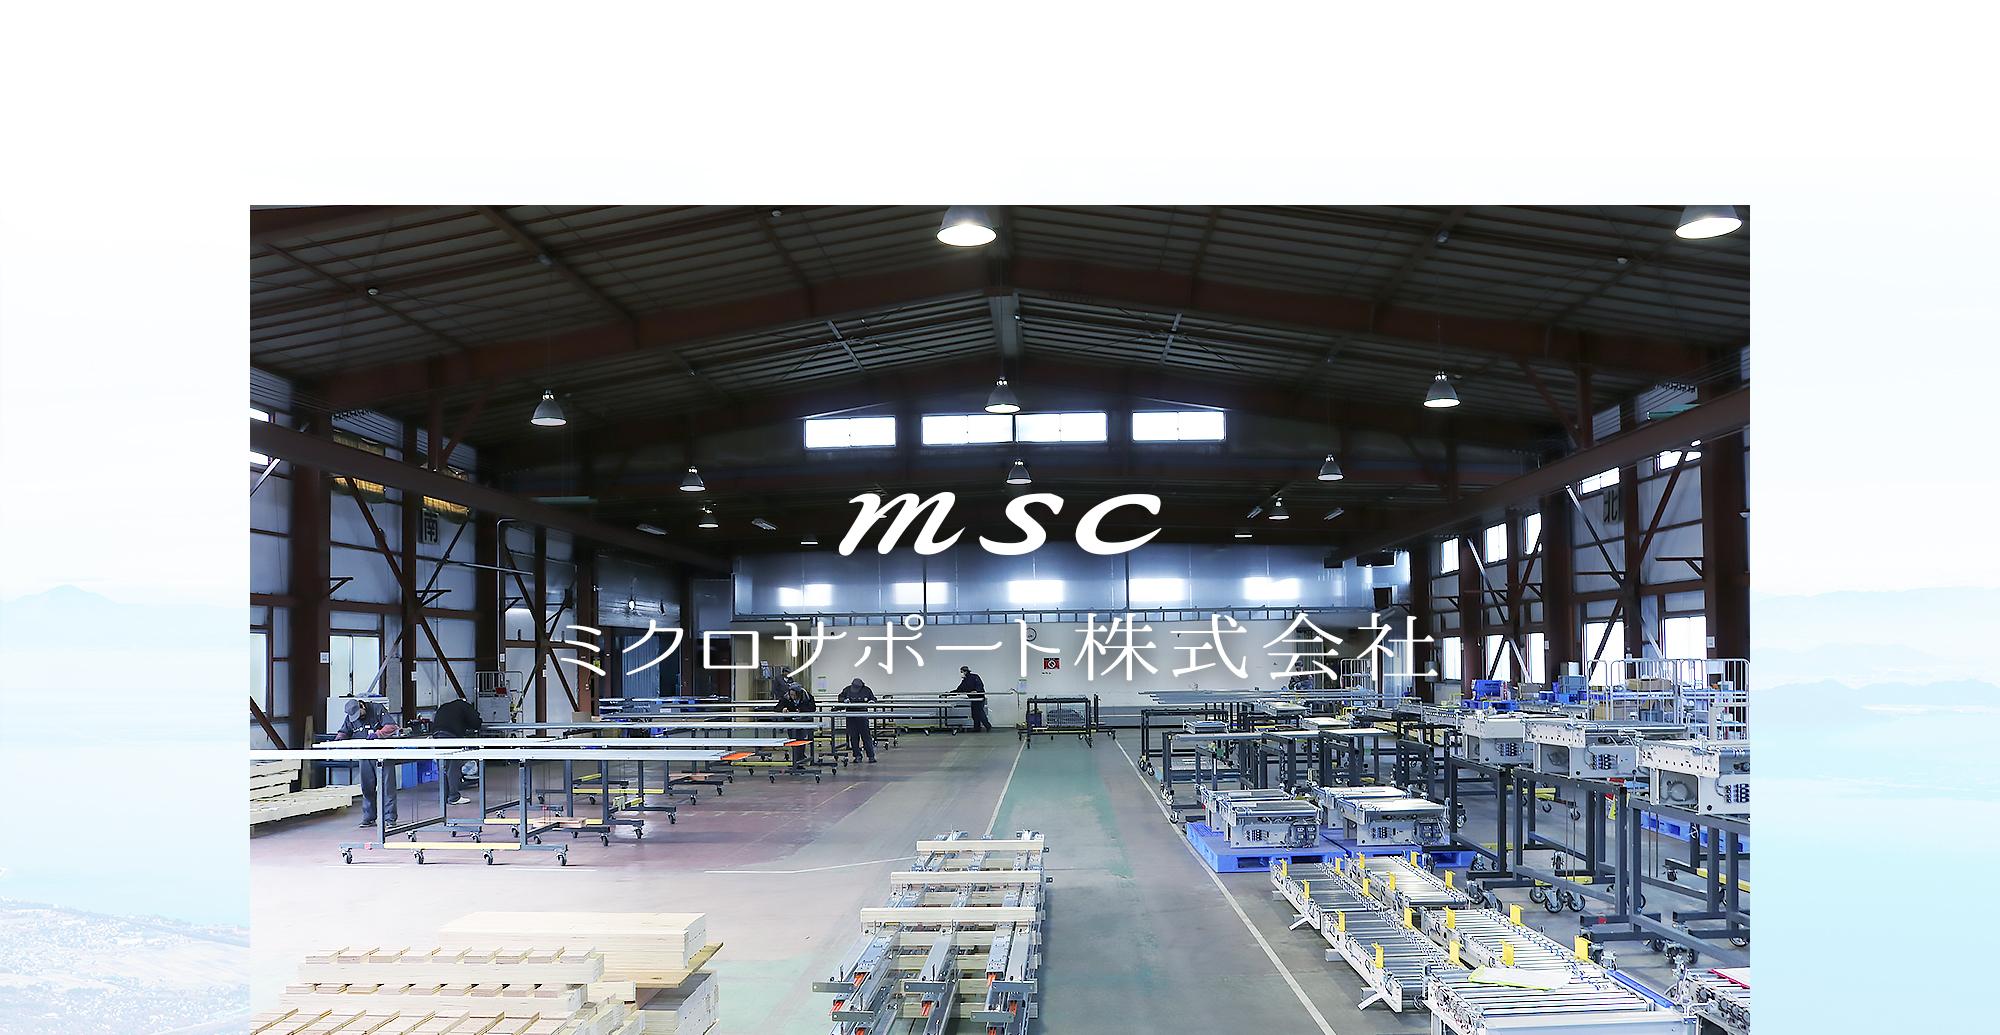 msc ミクロサポート株式会社